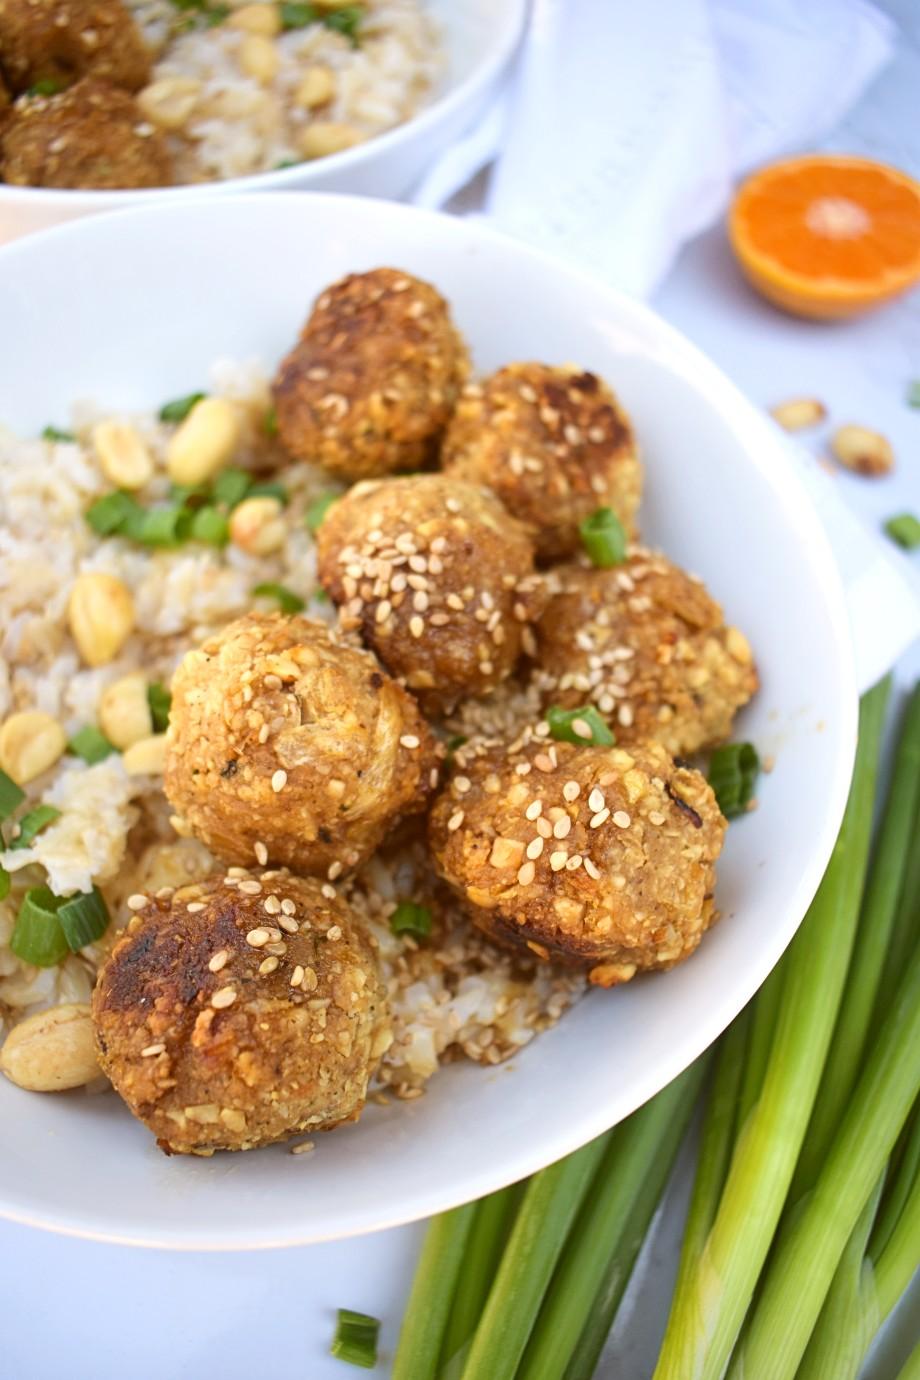 Sesame Peanut Meatballs